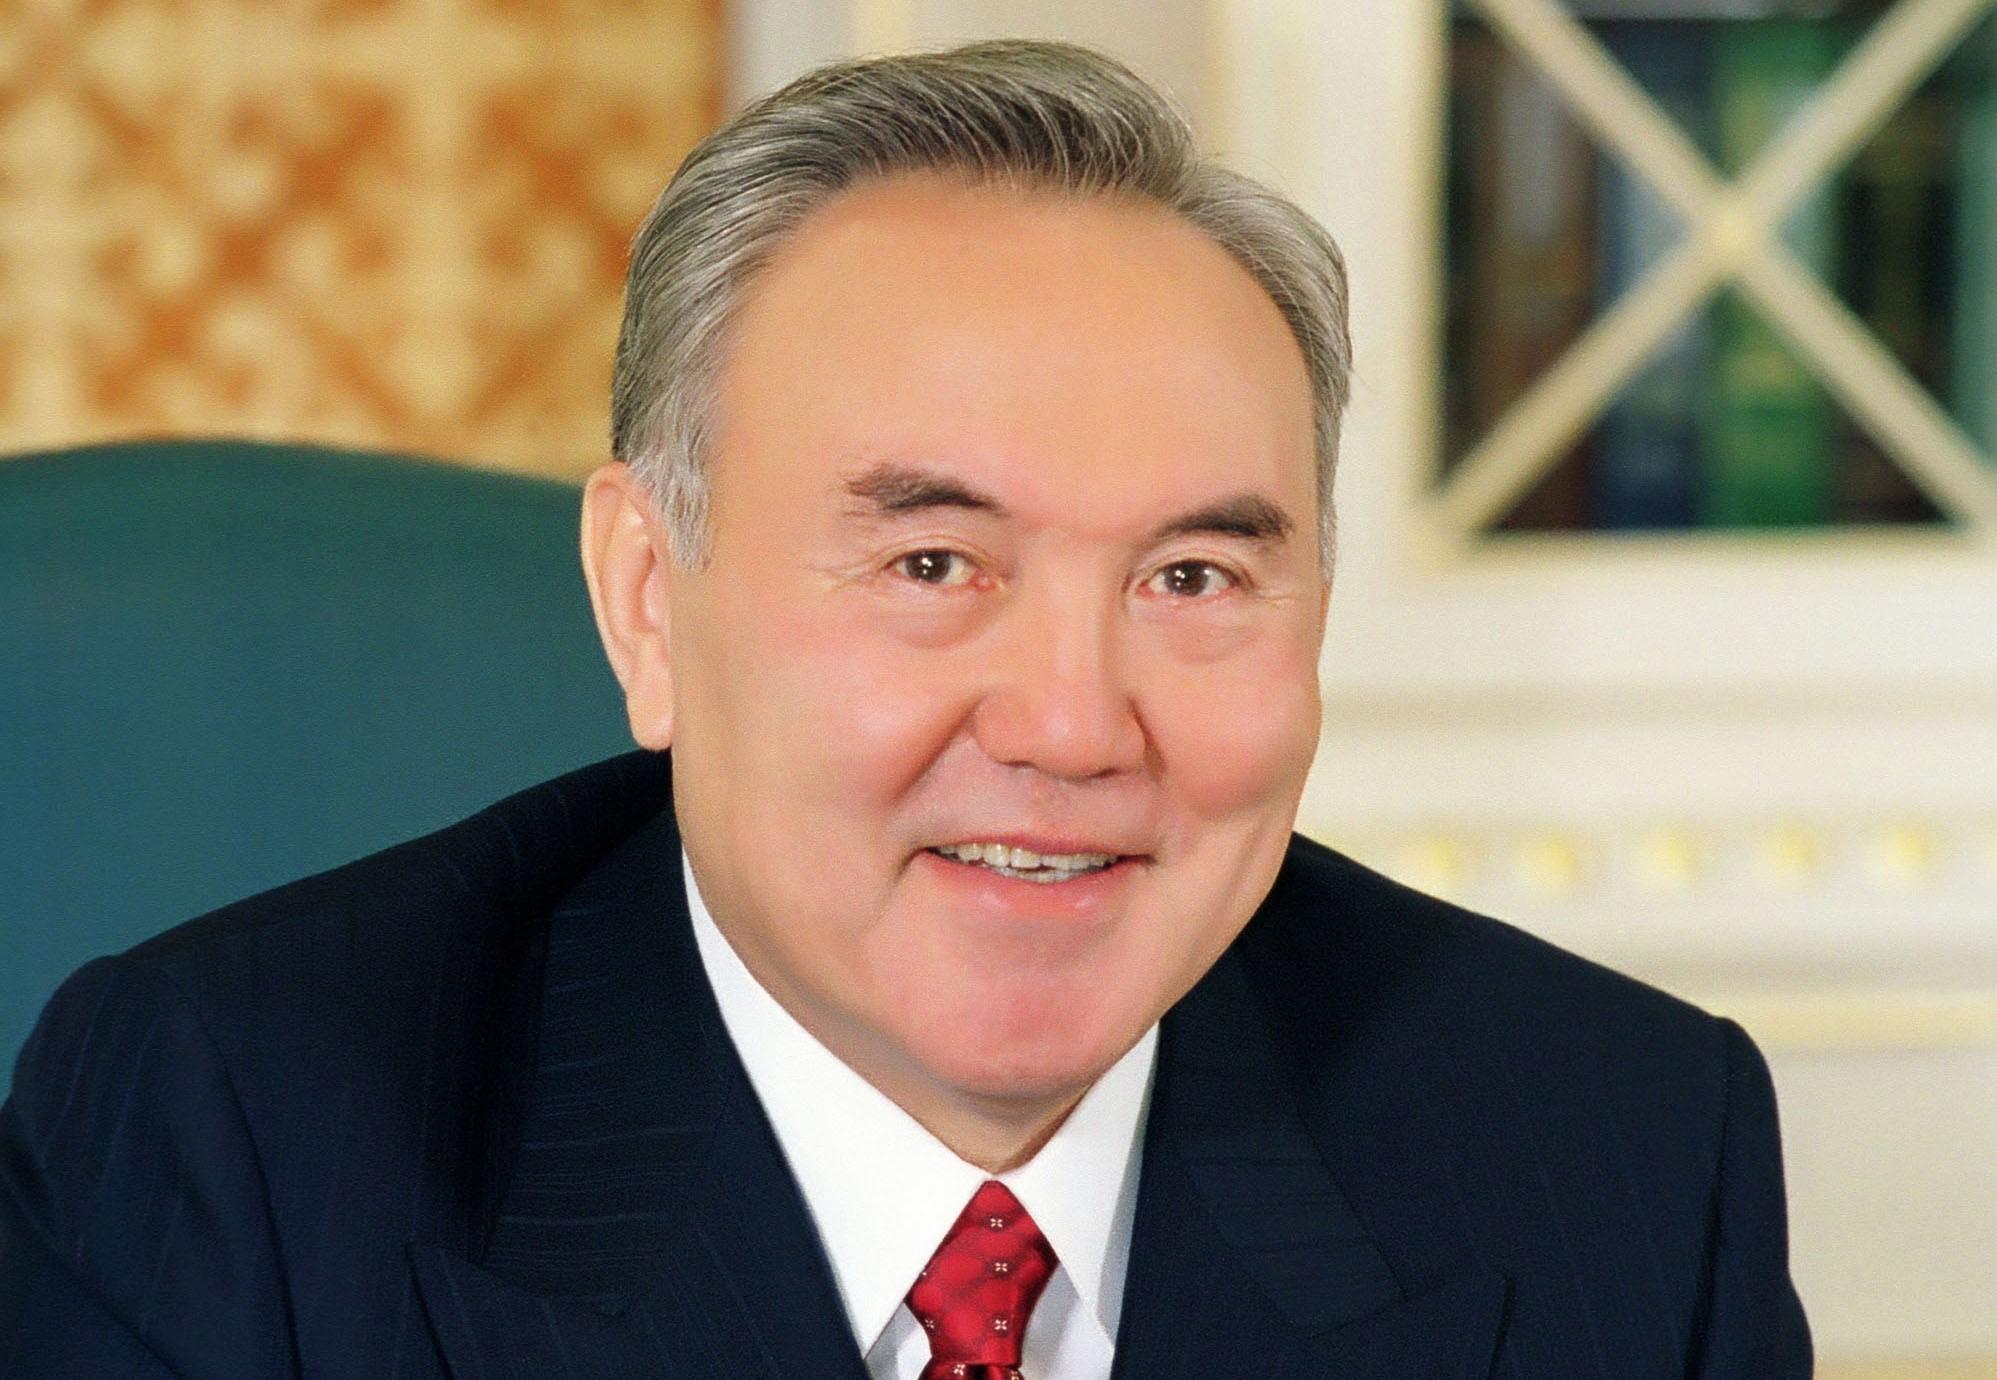 Нурсултан Назарбаев посетил первый Макдоналдс в Казахстане